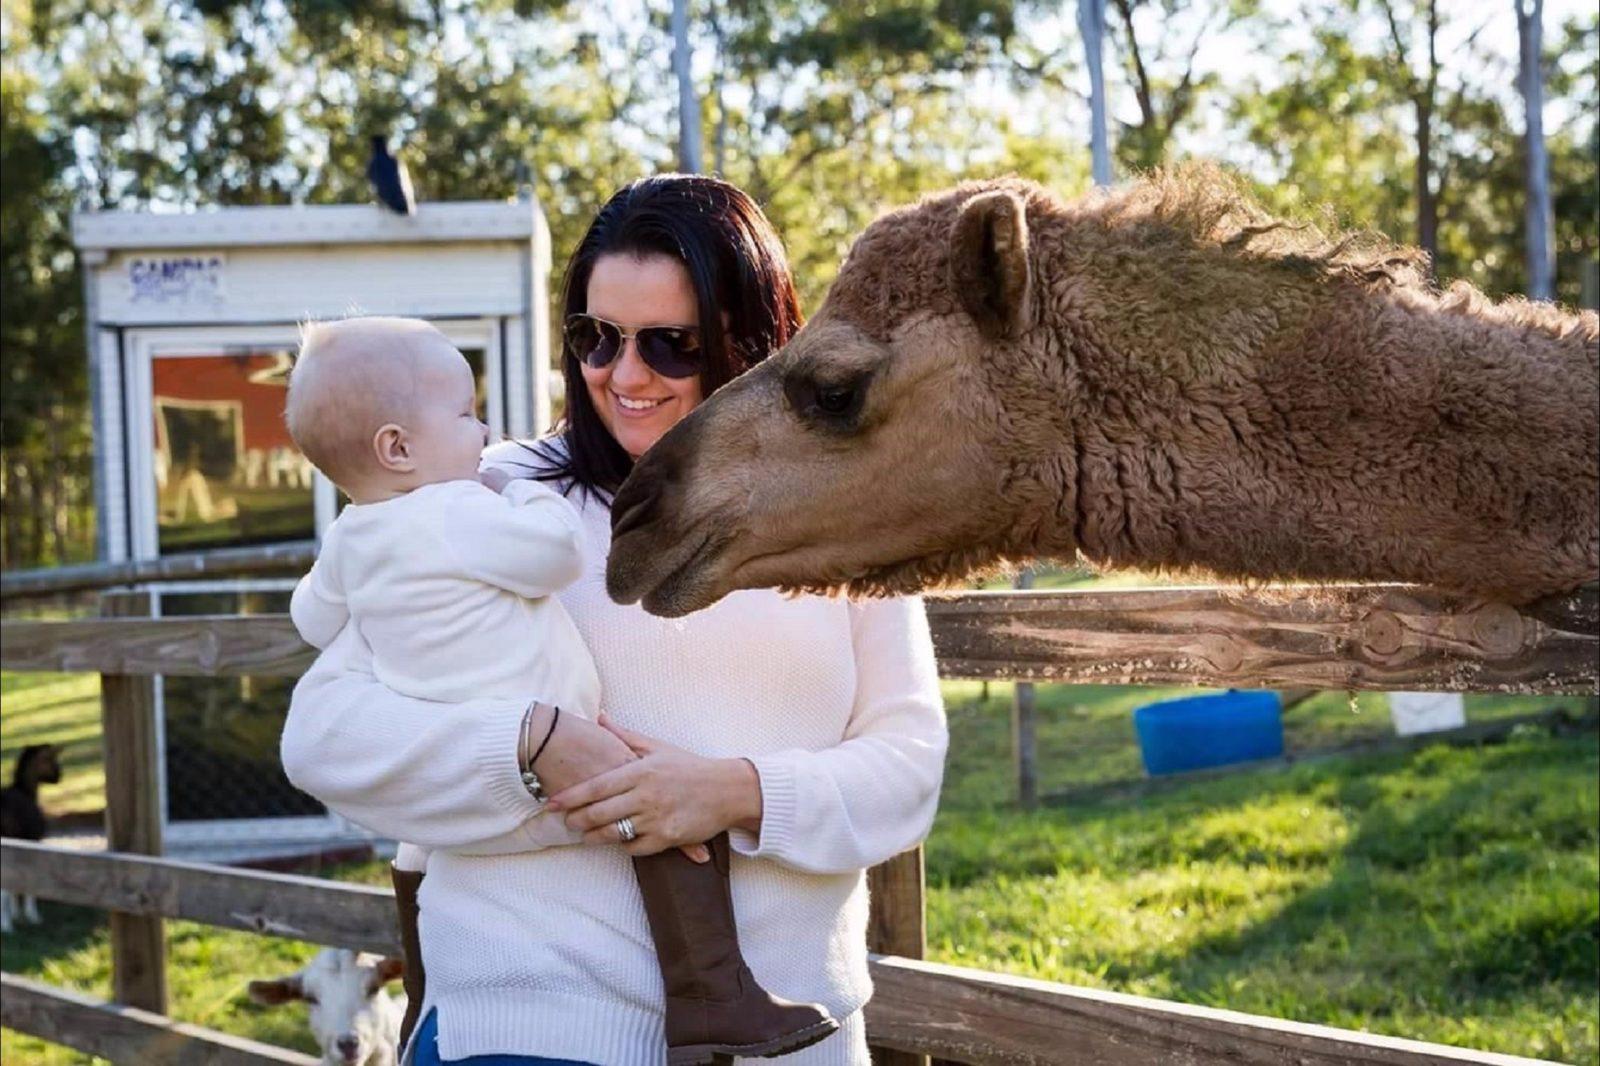 Gypsy the camel